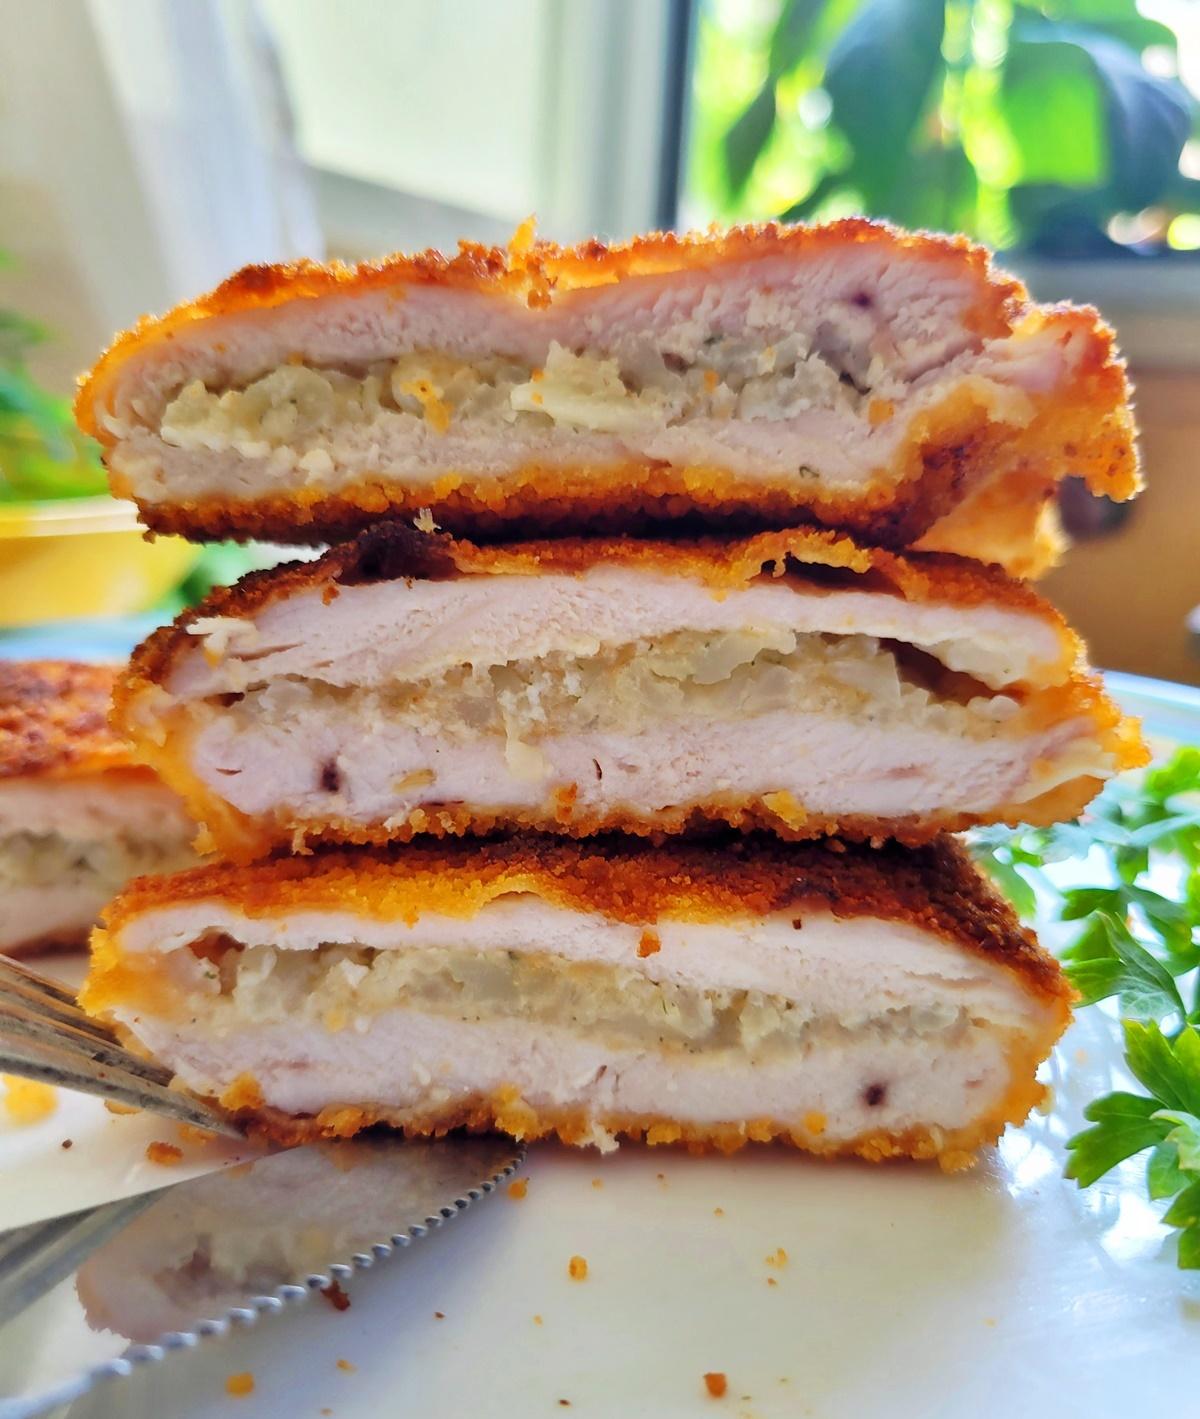 Пошаговый фото рецепт – как приготовить куриный шницель с начинкой.  Вкусный Израиль.